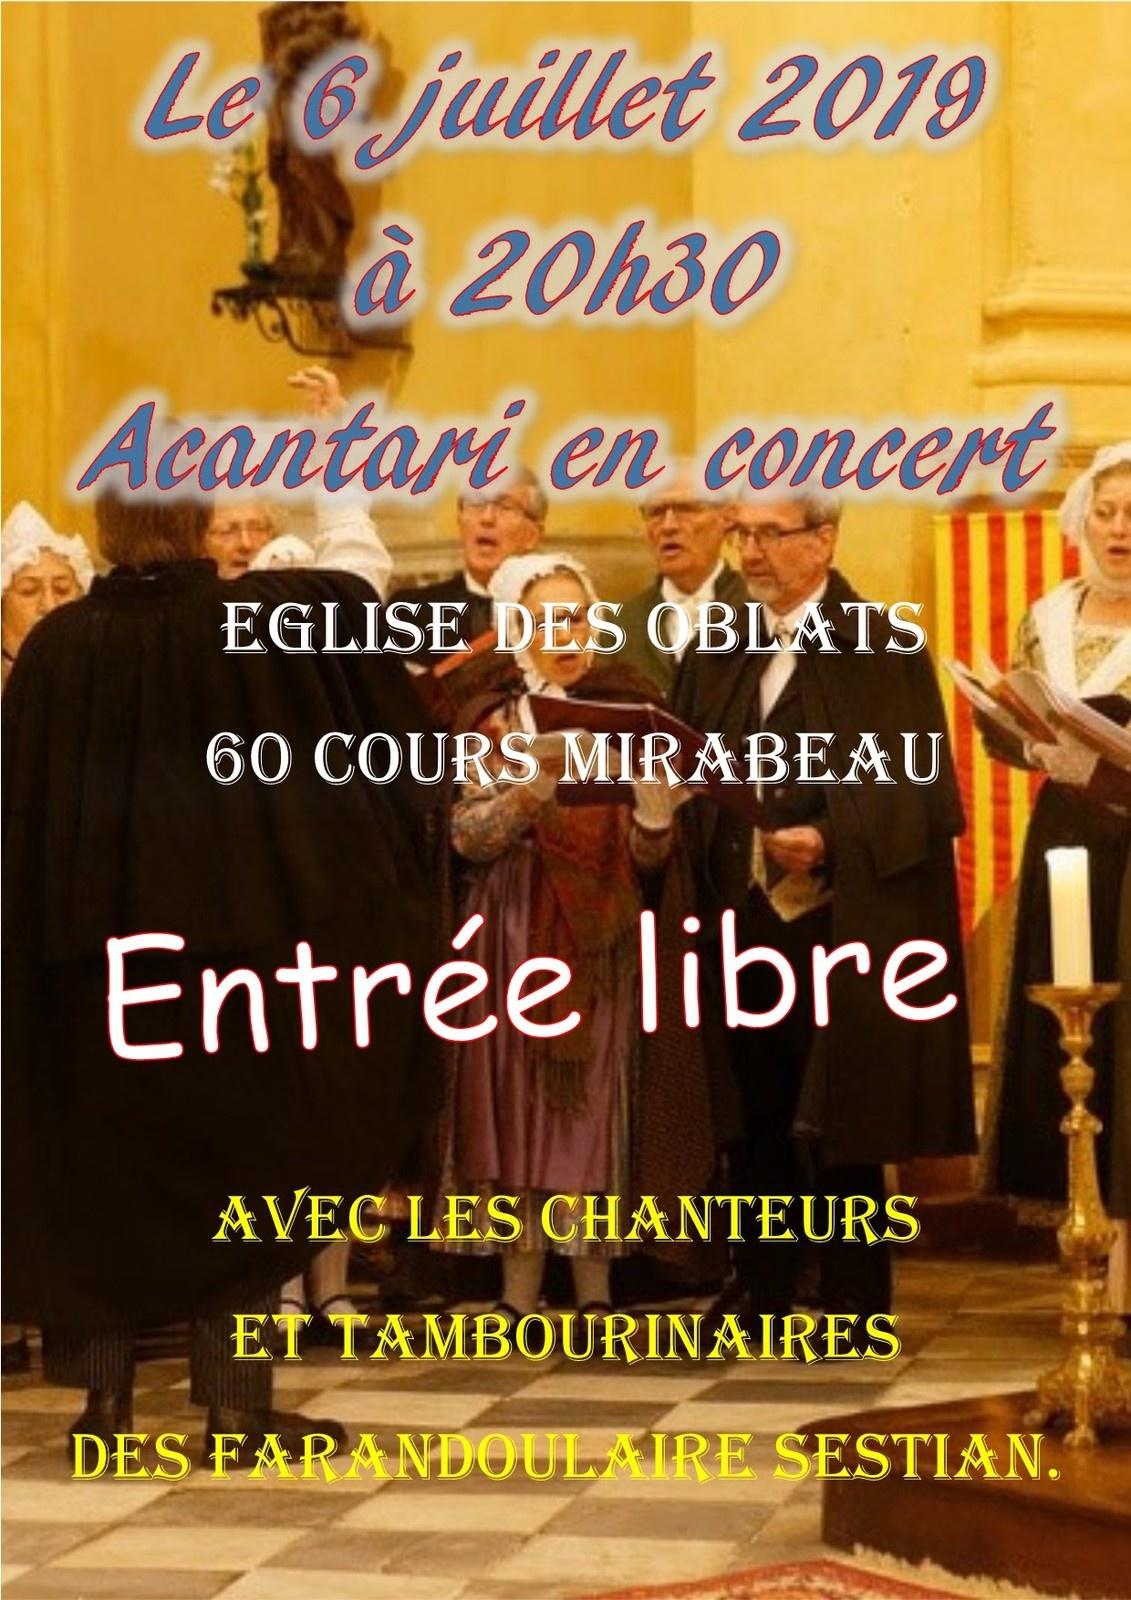 ob_2b1193_2019-07-06-concert-1